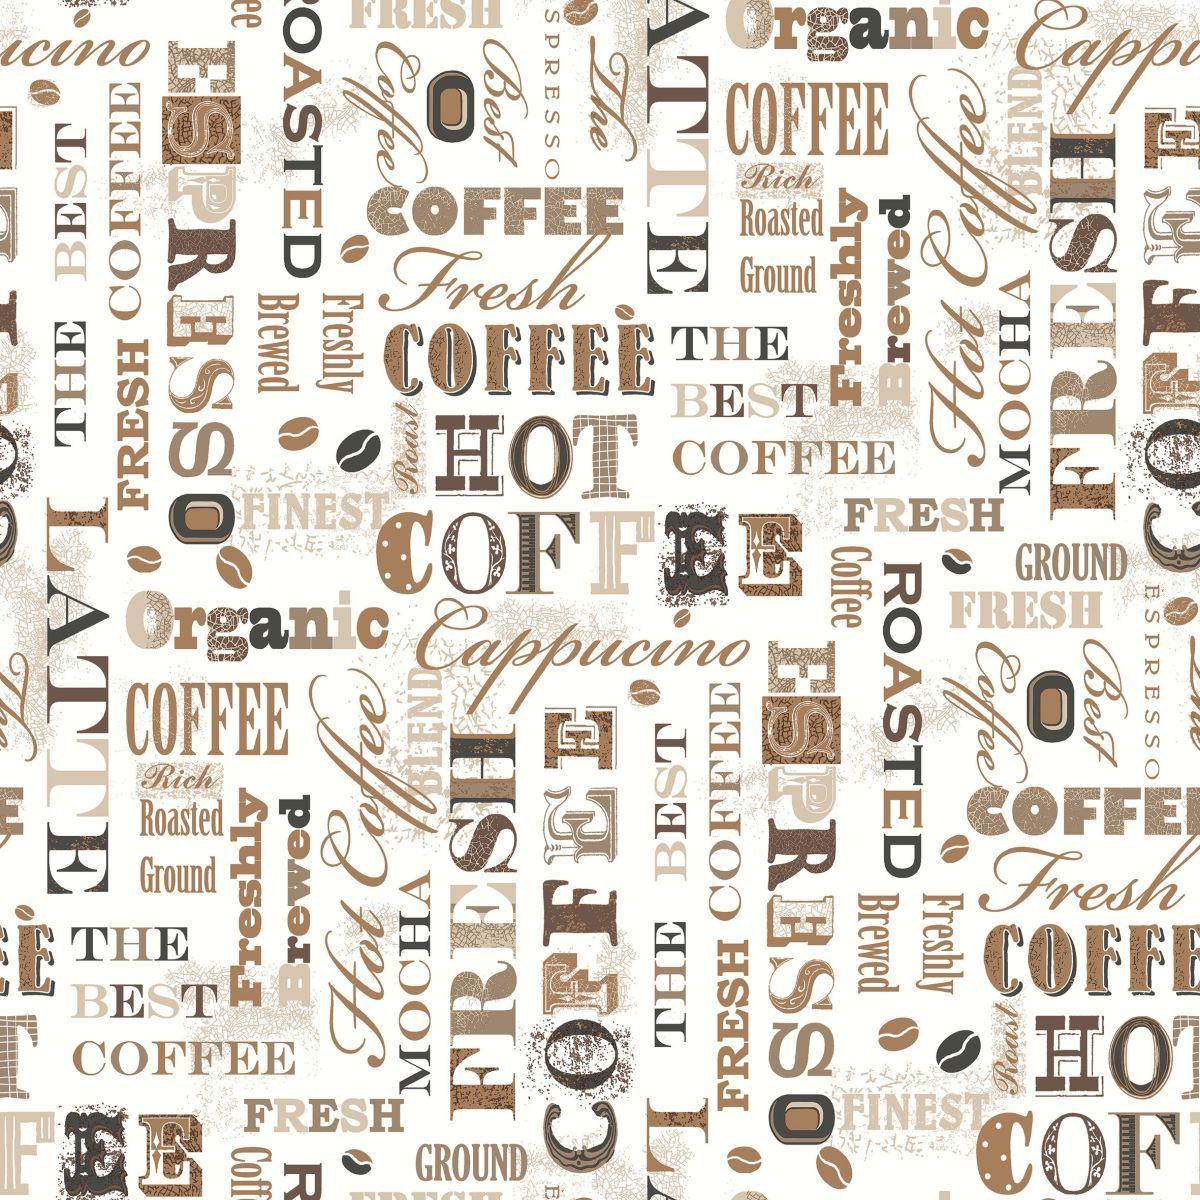 Full Size of Tapete Küche Kaffee Nobilia Salamander Doppel Mülleimer Ikea Miniküche Hochglanz Grau Niederdruck Armatur Tapeten Für Laminat Wandverkleidung Bartisch Wohnzimmer Tapete Küche Kaffee